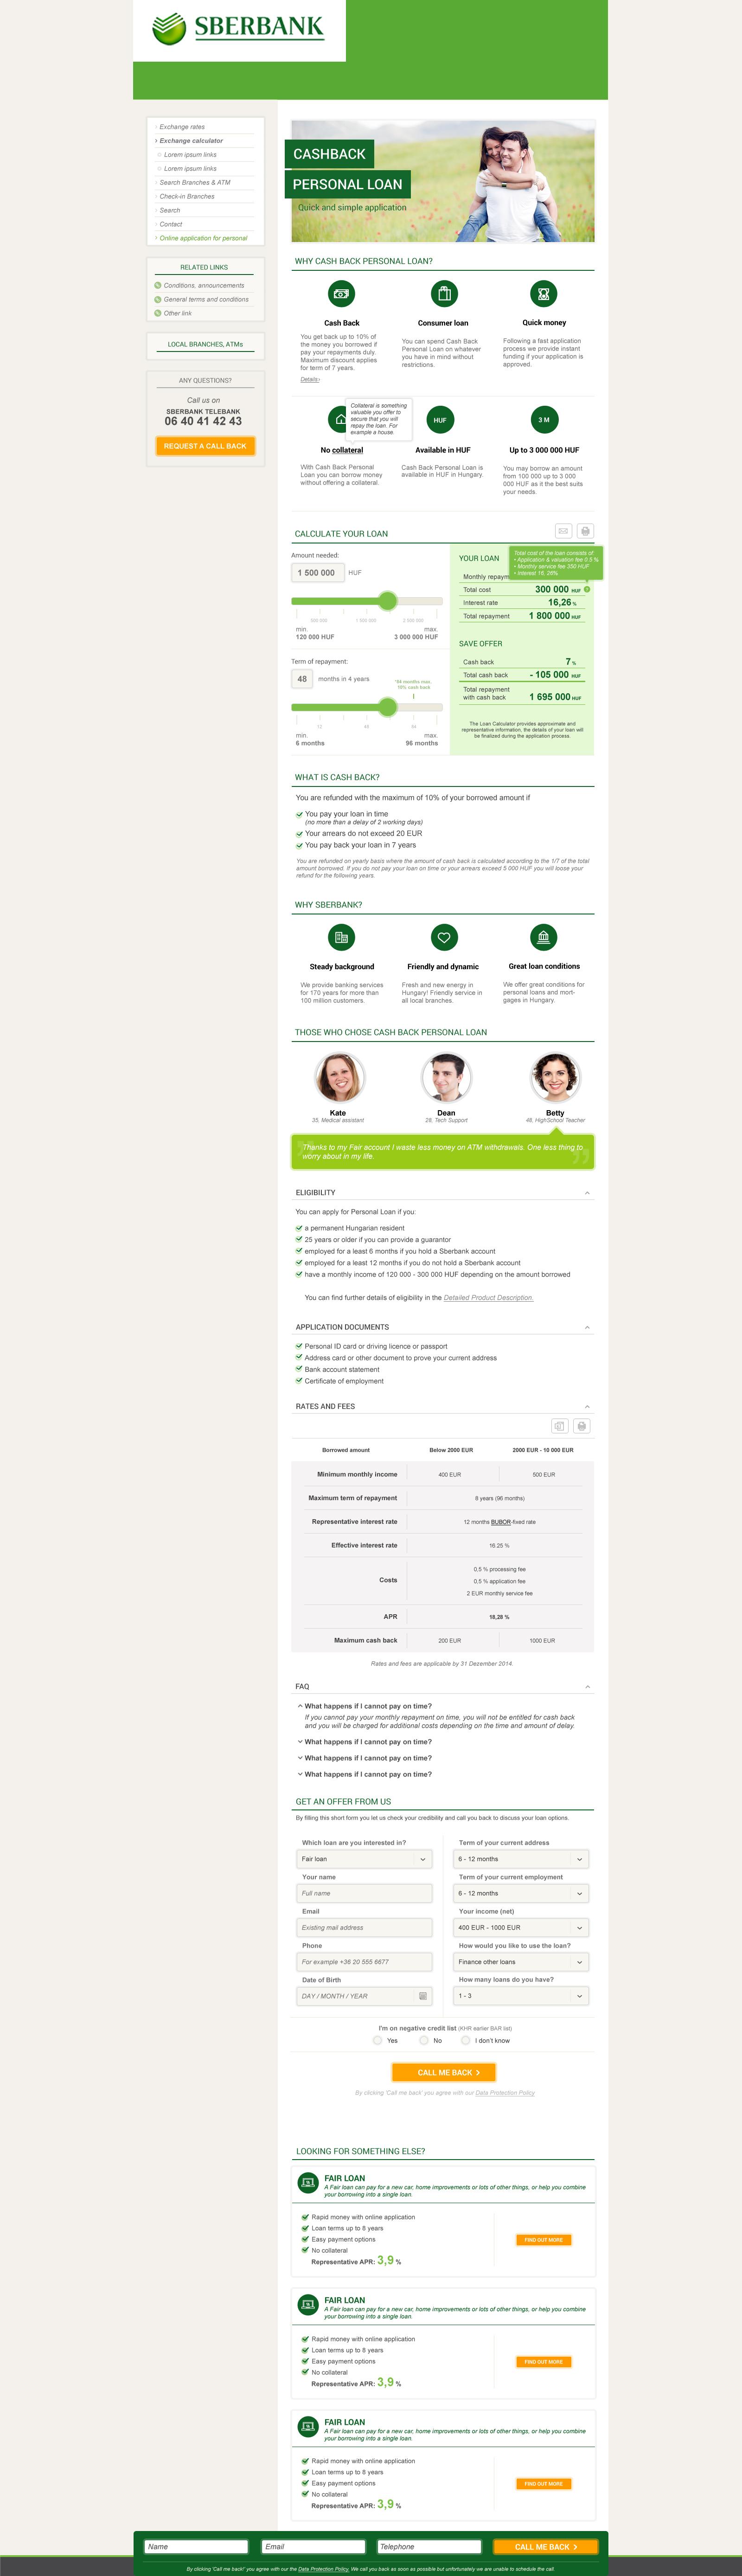 sberbank_cashback_loan